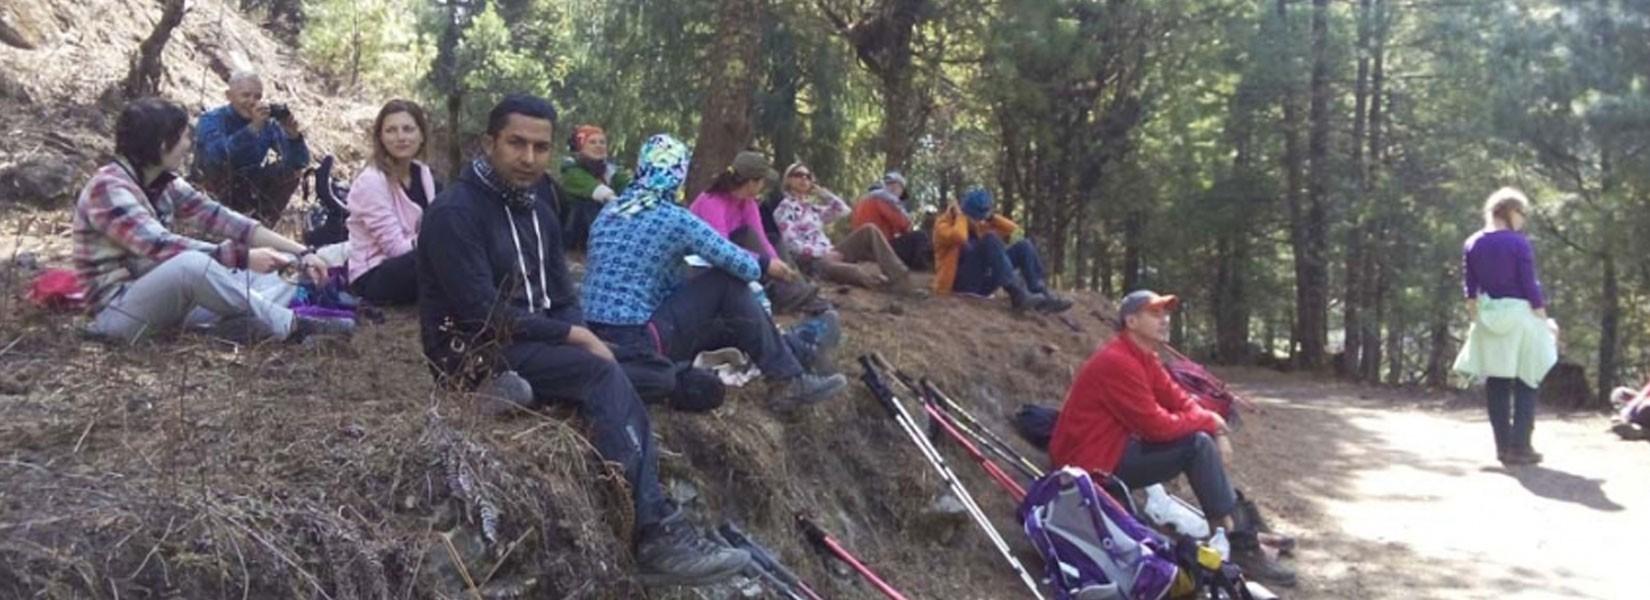 North Annapurna Nar-Phu Trekking